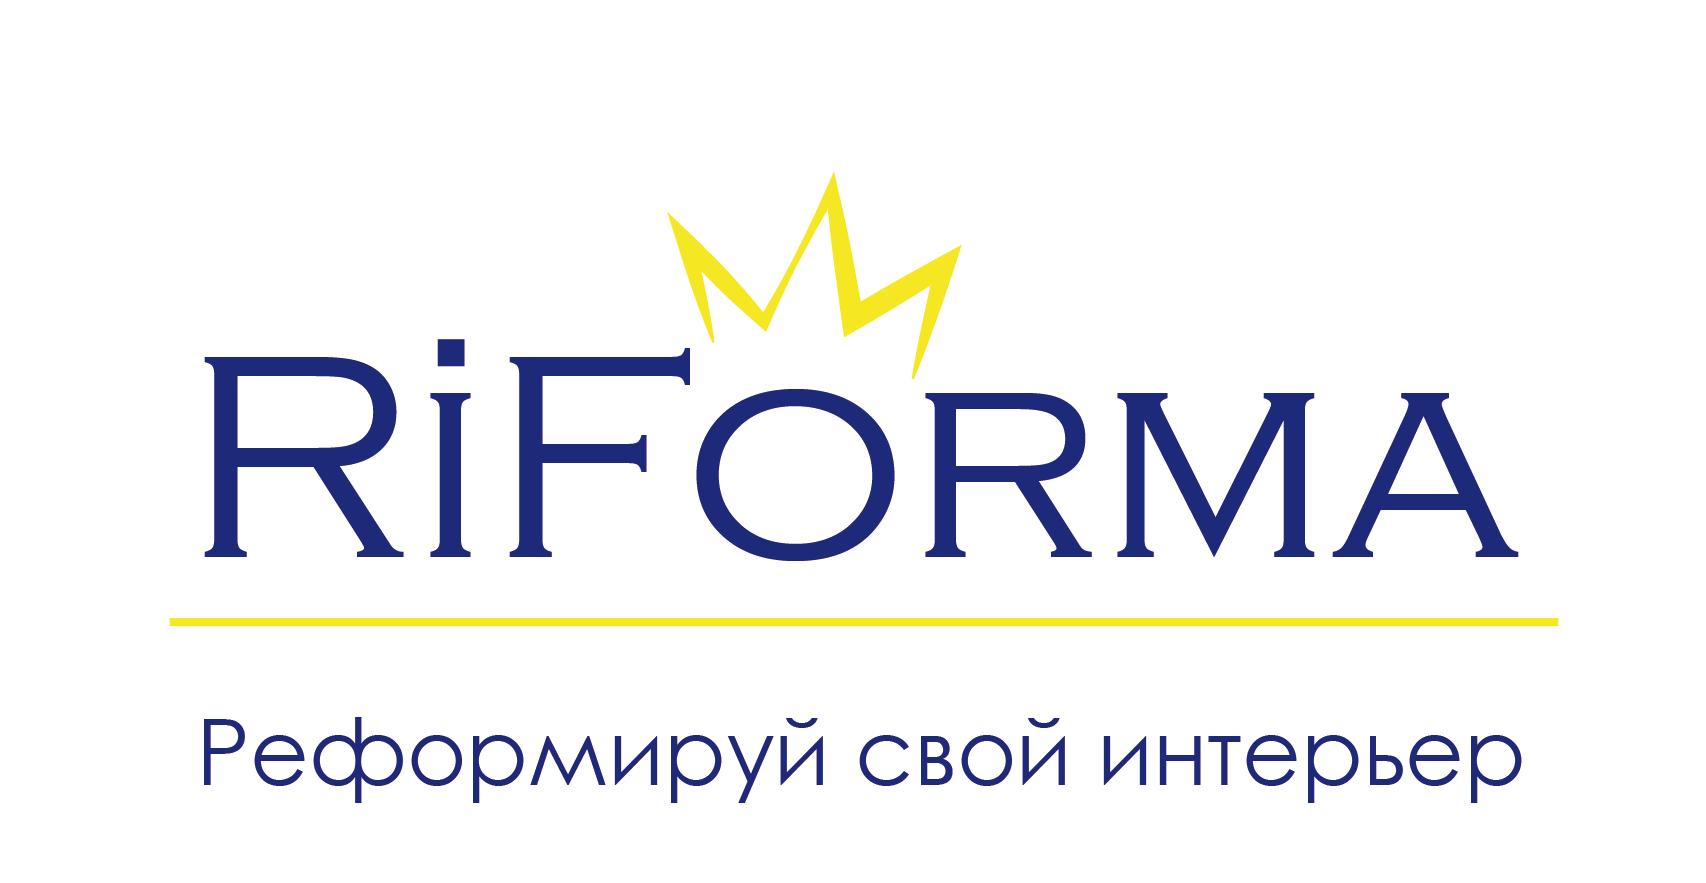 Разработка логотипа и элементов фирменного стиля фото f_766579fa38c16759.png